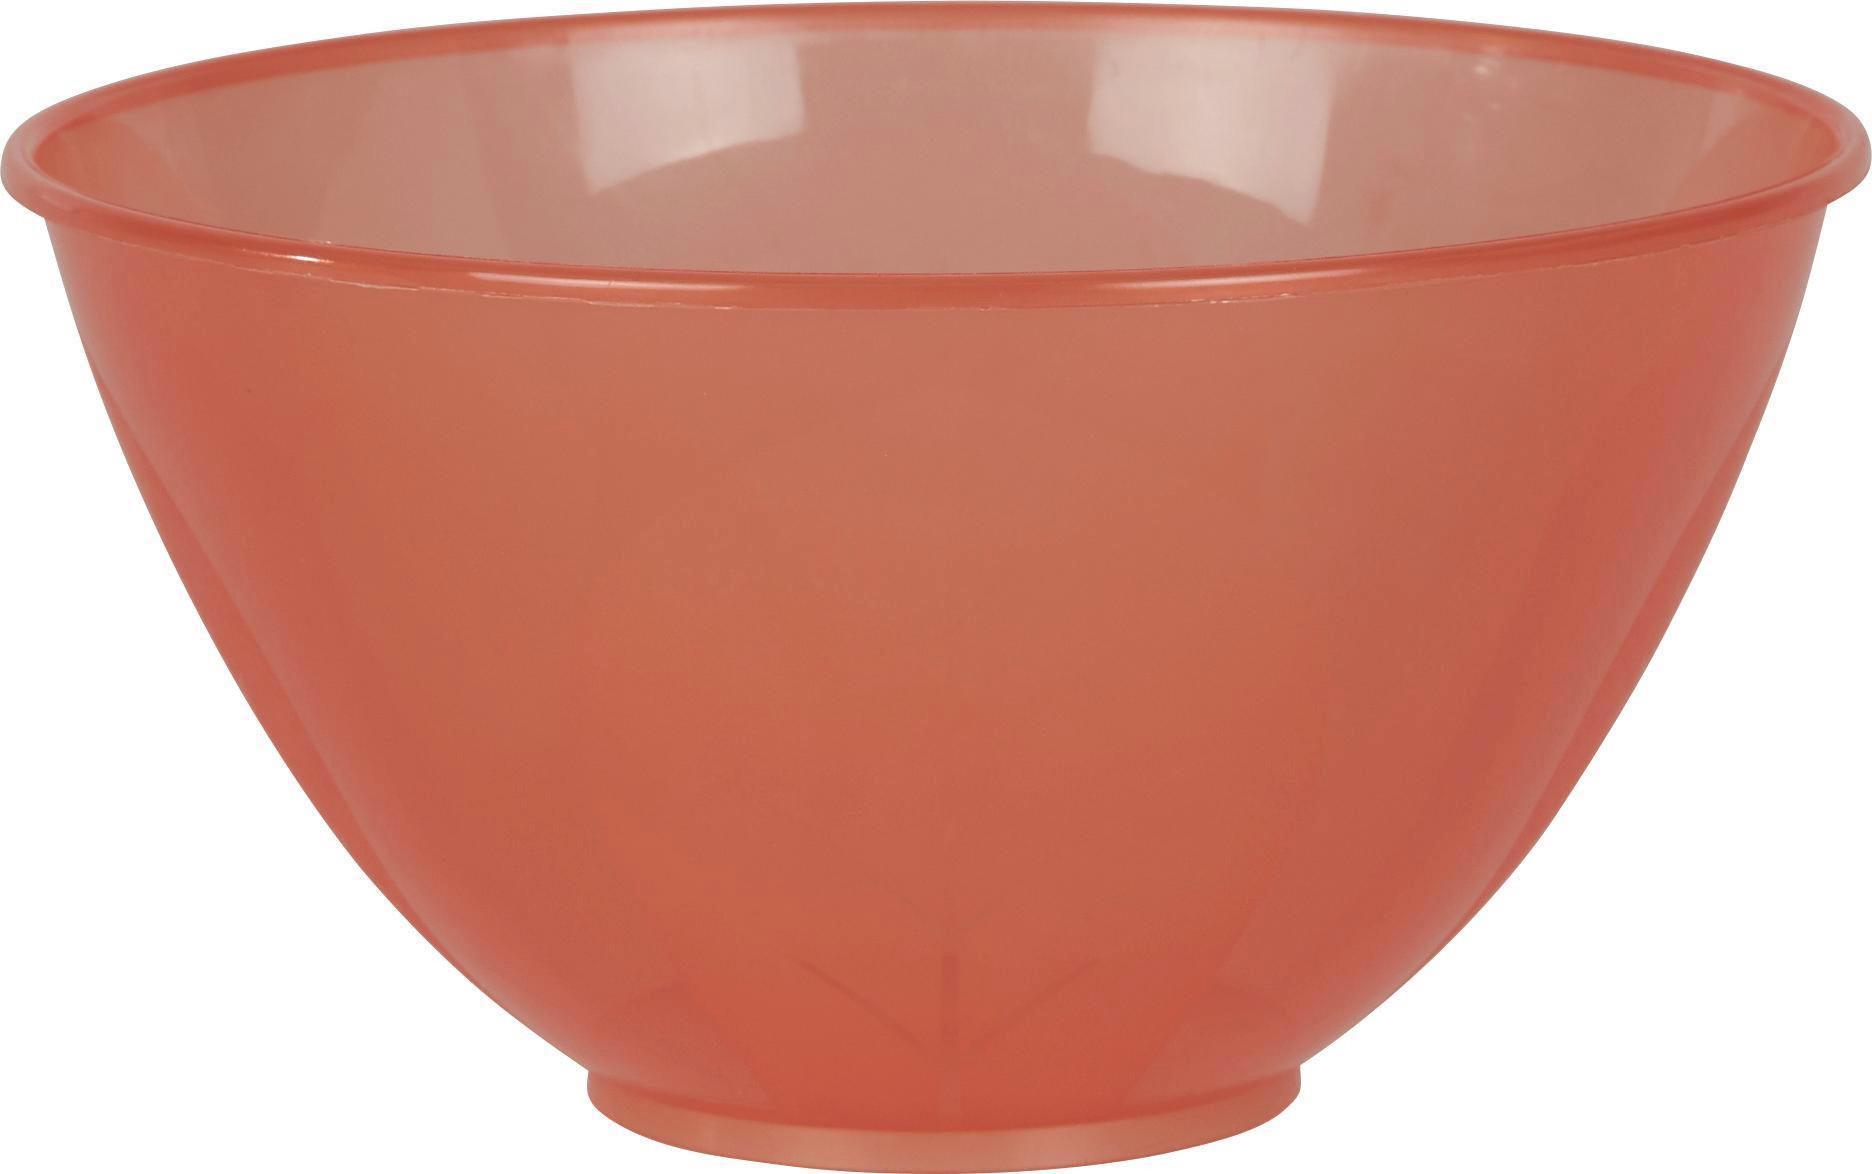 Tál Carson - lila/pink, konvencionális, műanyag (1l) - OMBRA